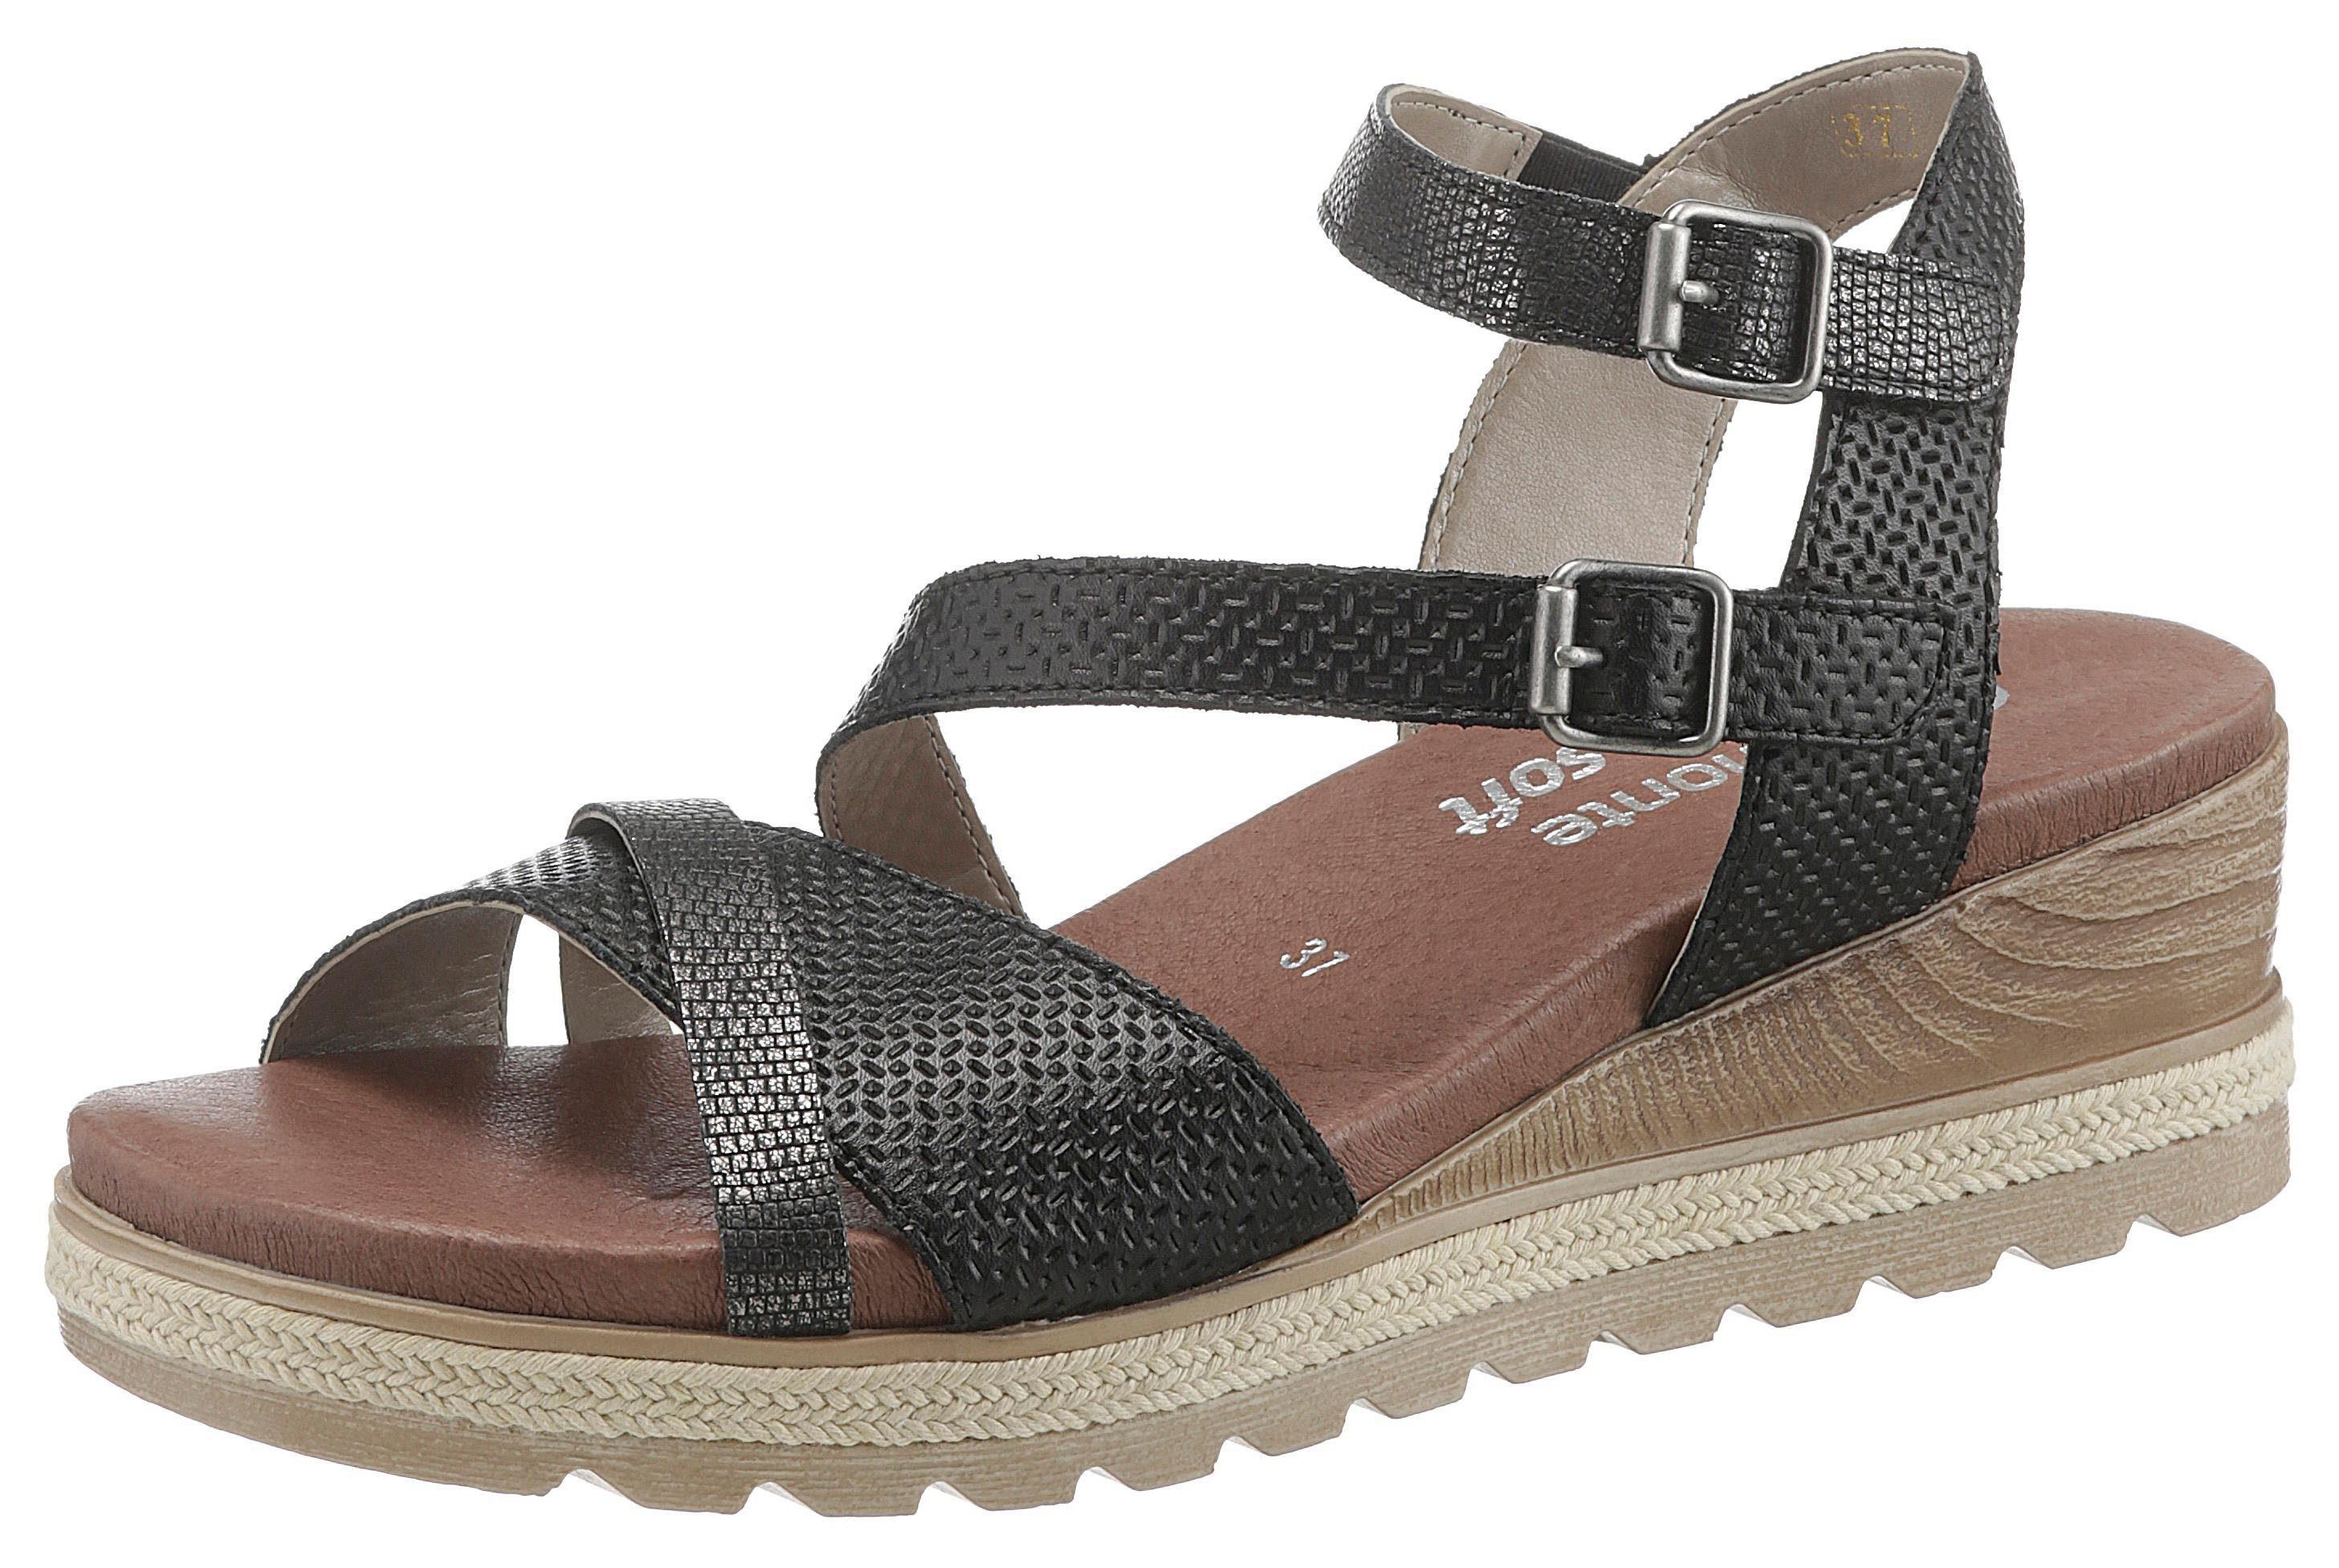 Remonte Sandalette mit Metalliceffekten